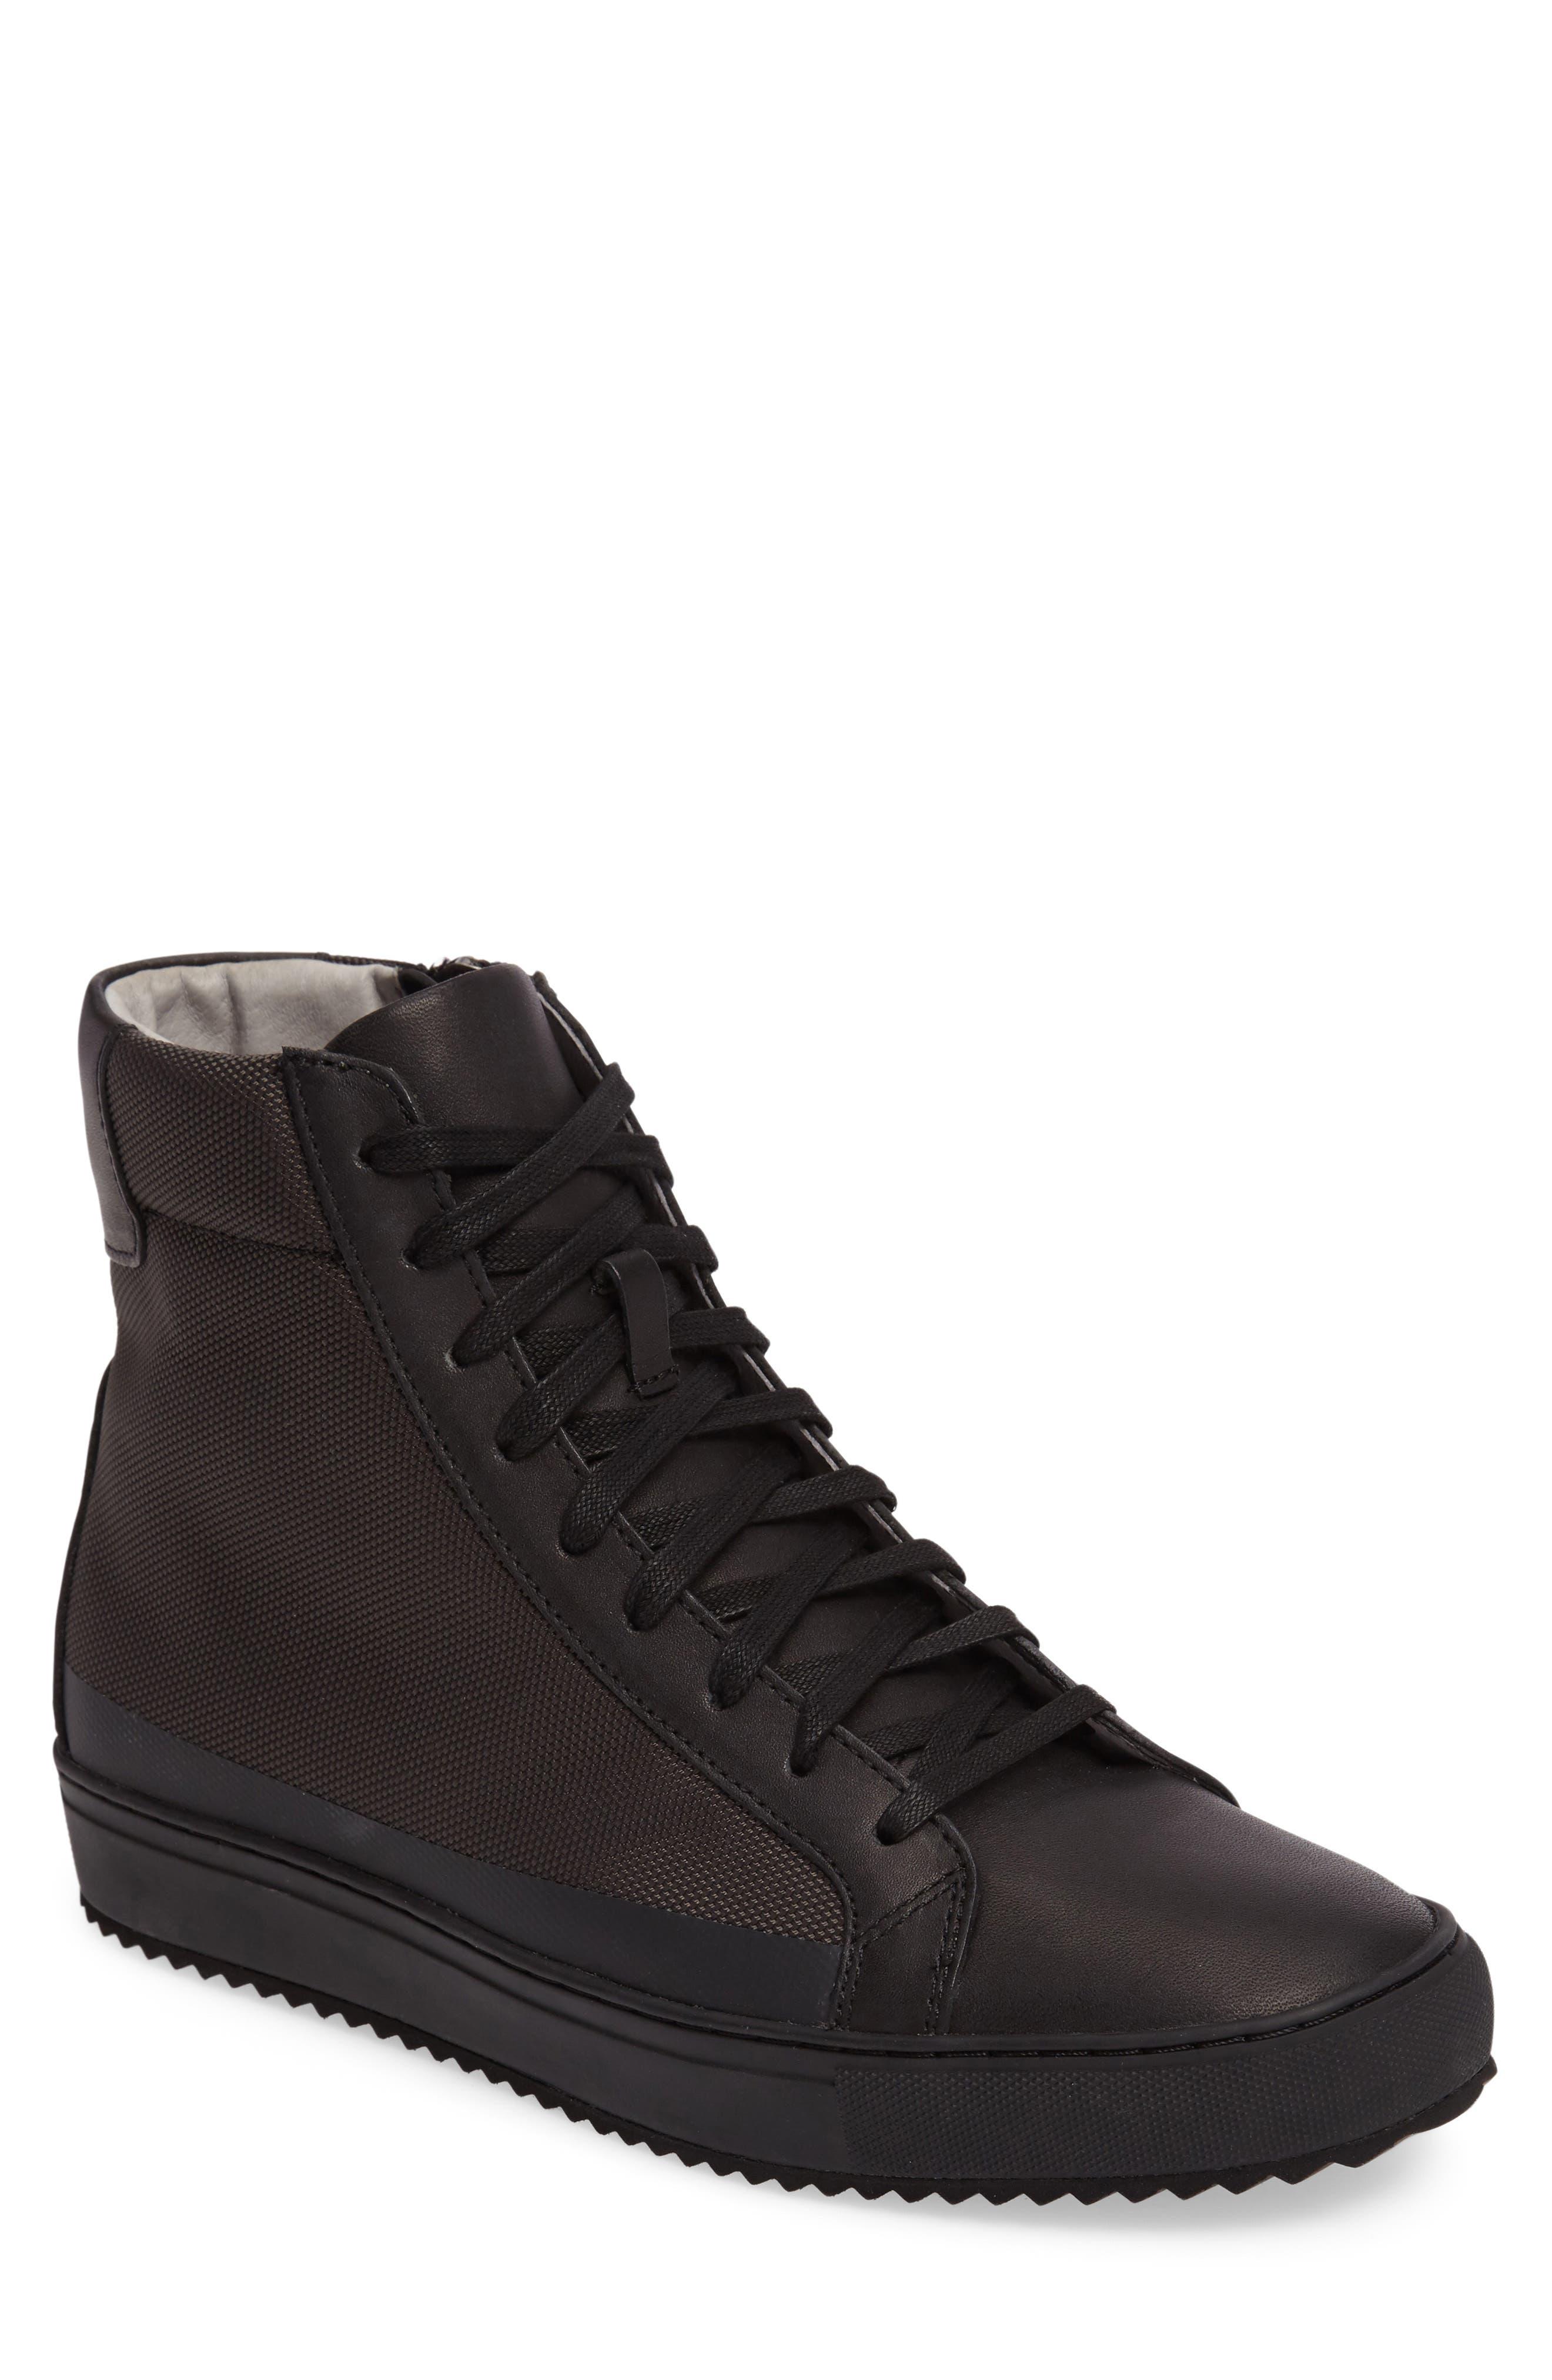 Logan Water Resistant High Top Sneaker,                             Alternate thumbnail 6, color,